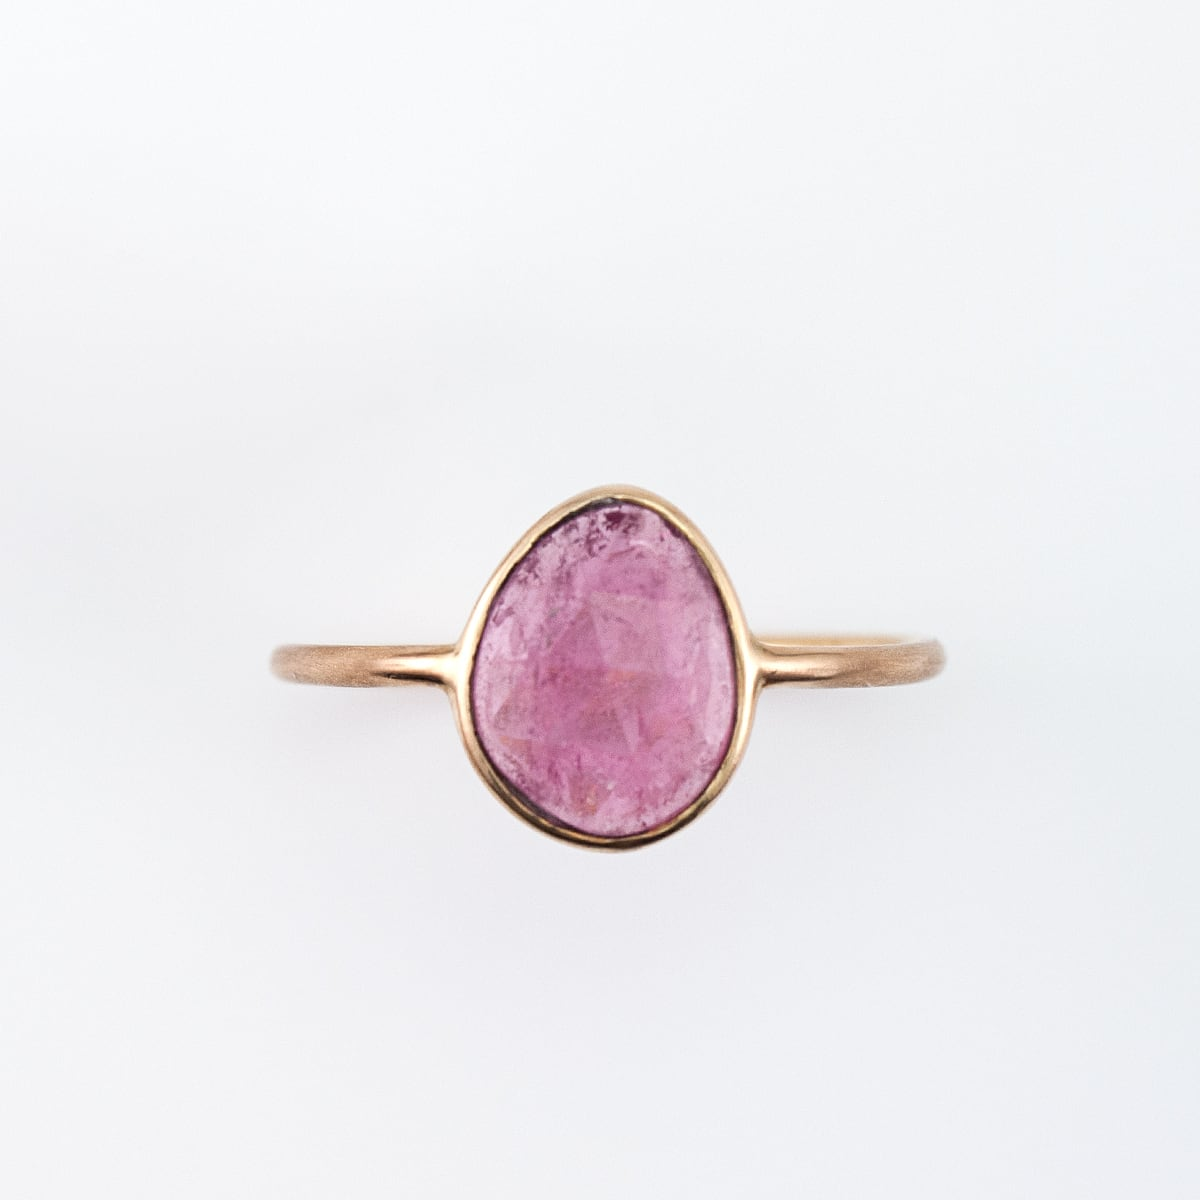 Pink tourmaline ring / Rosecut